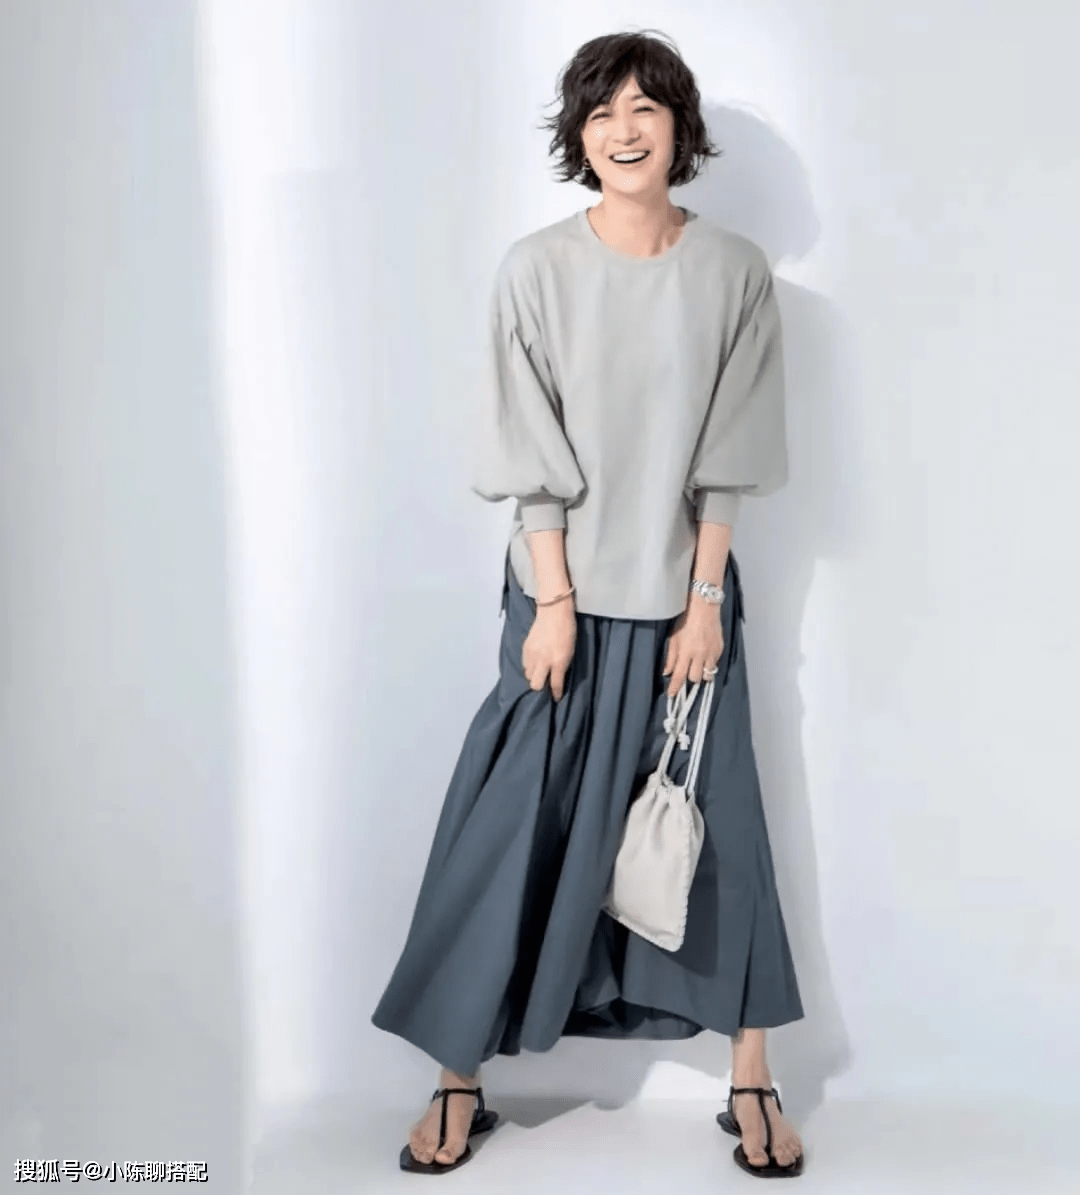 """有品位的女人更优雅!这位50+日本博主的2点""""时尚穿搭经""""请牢记"""